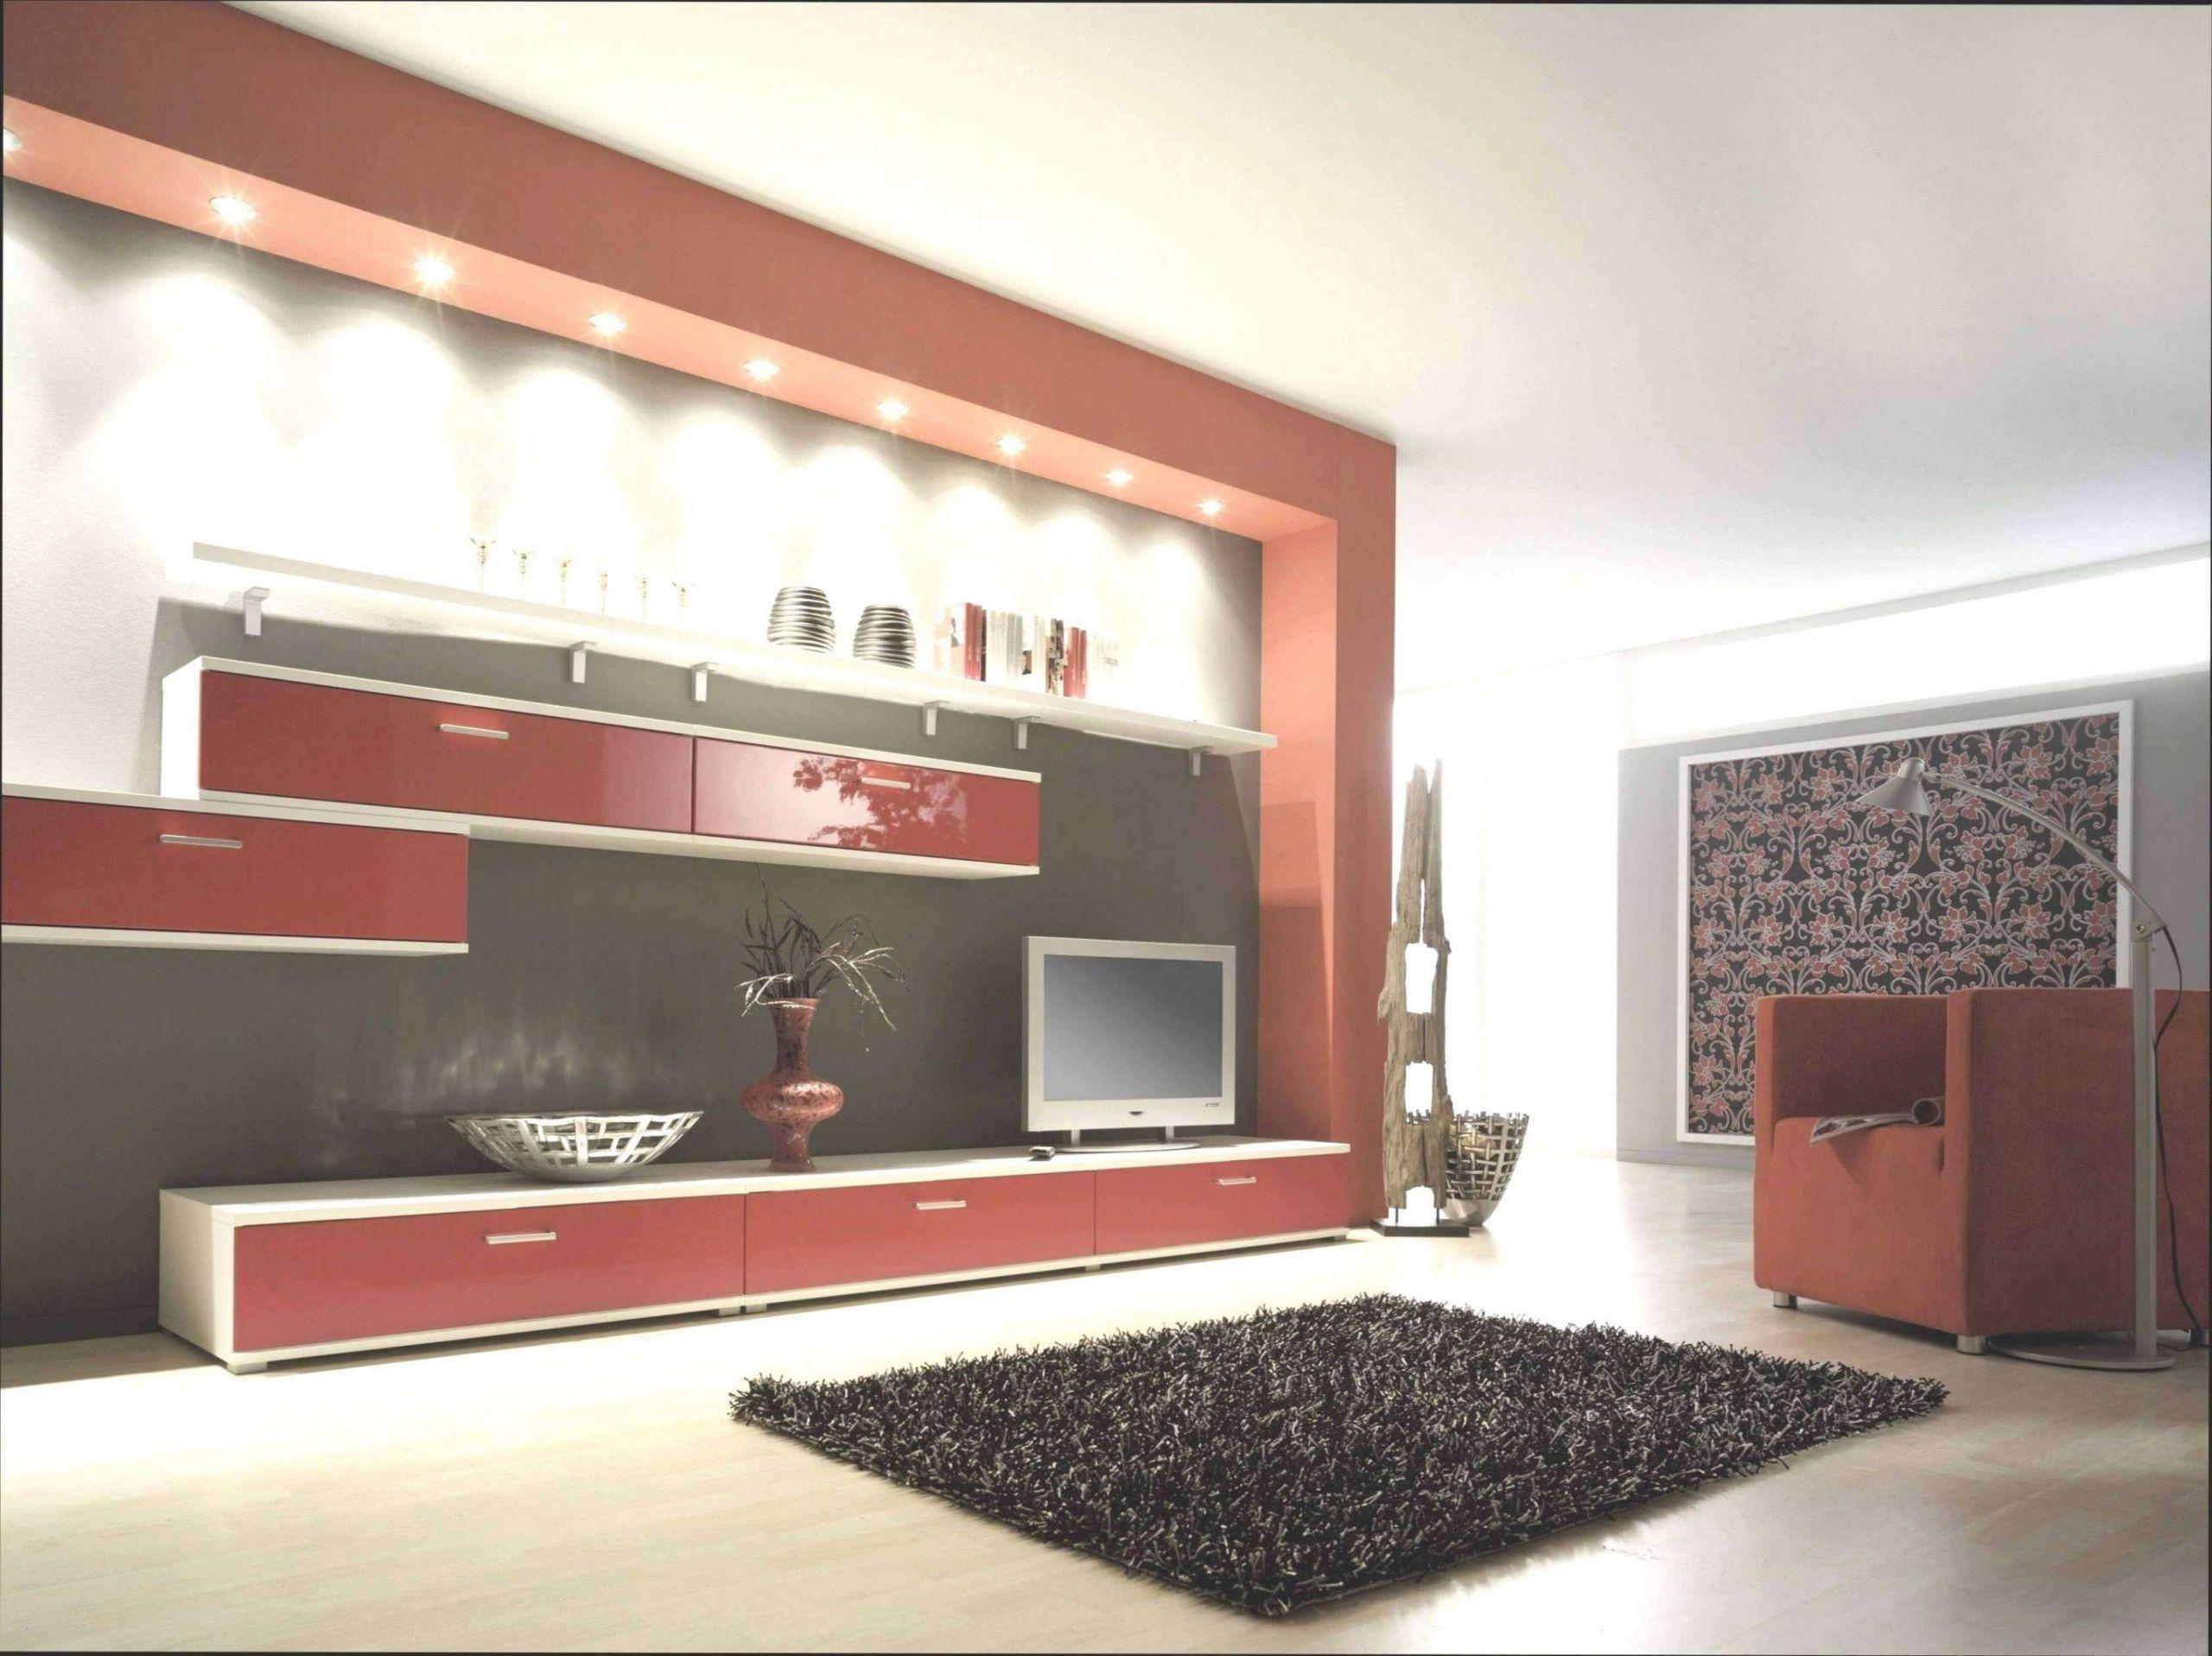 ideen furs wohnzimmer neu baum fur wohnzimmer temobardz home blog of ideen furs wohnzimmer